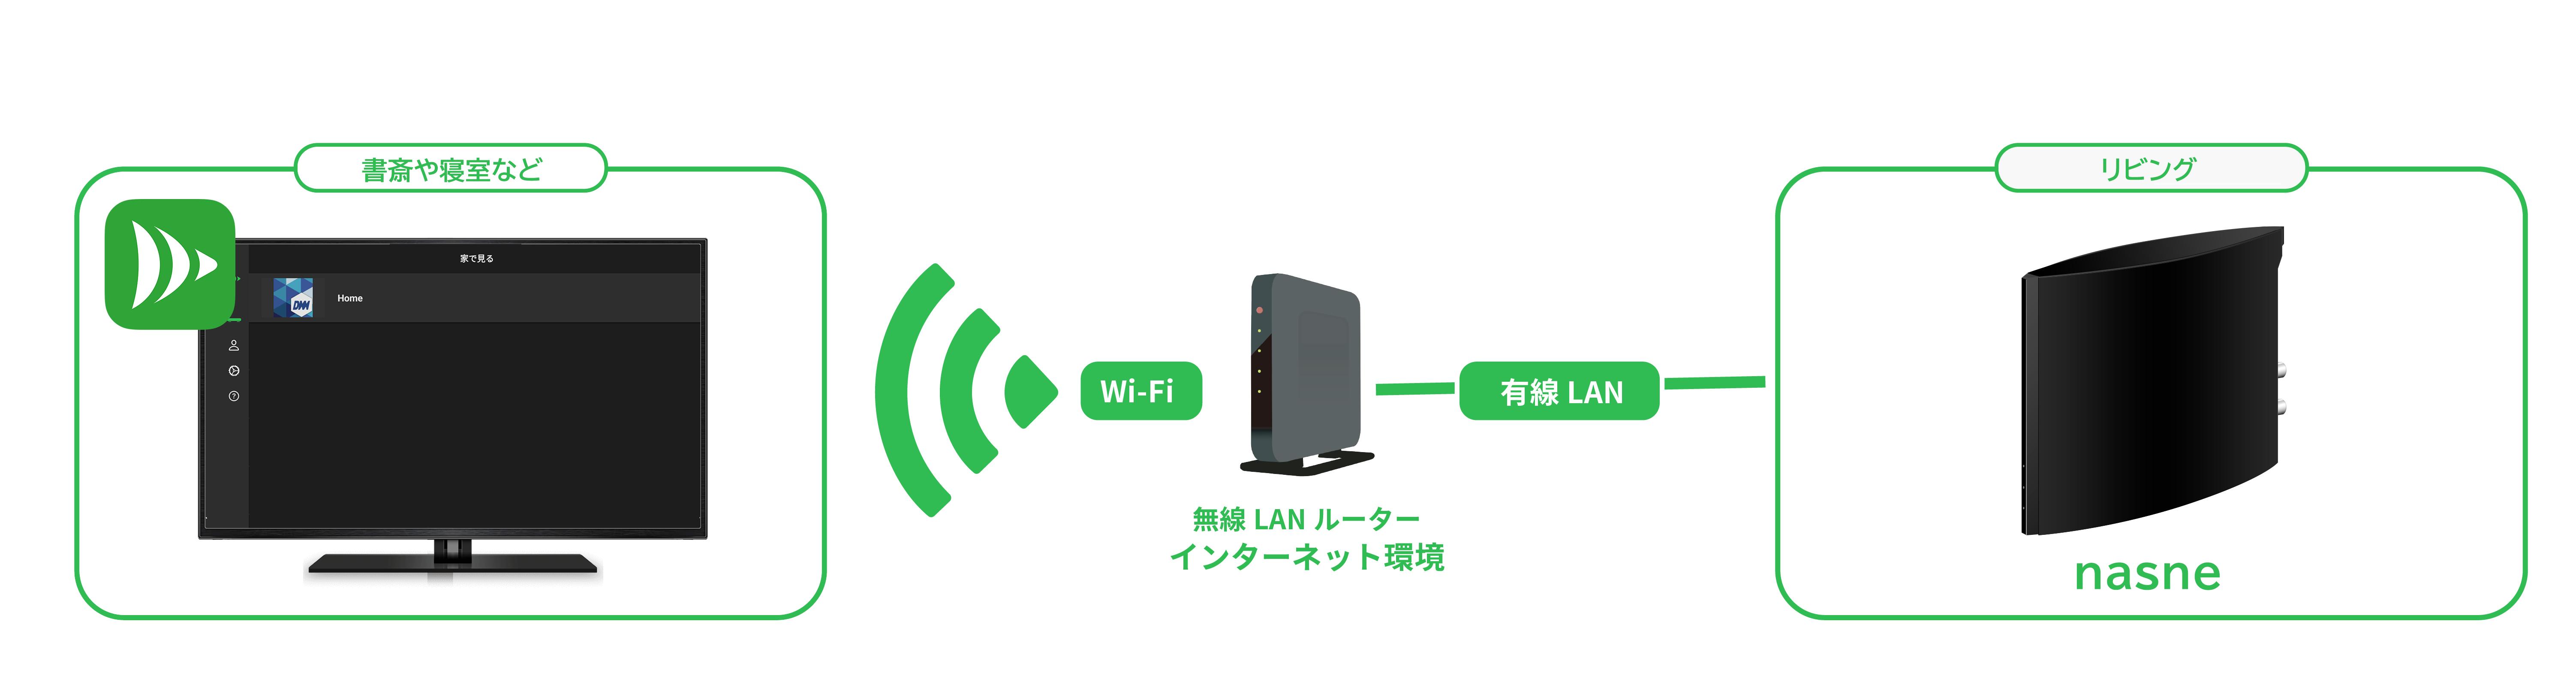 家庭内のWi-Fiルーターに、DiXiM PlayがインストールされたAmazon Fire TVとバッファロー新nasneを繋げることで、録画番組や放送中の番組が見られるようになります。